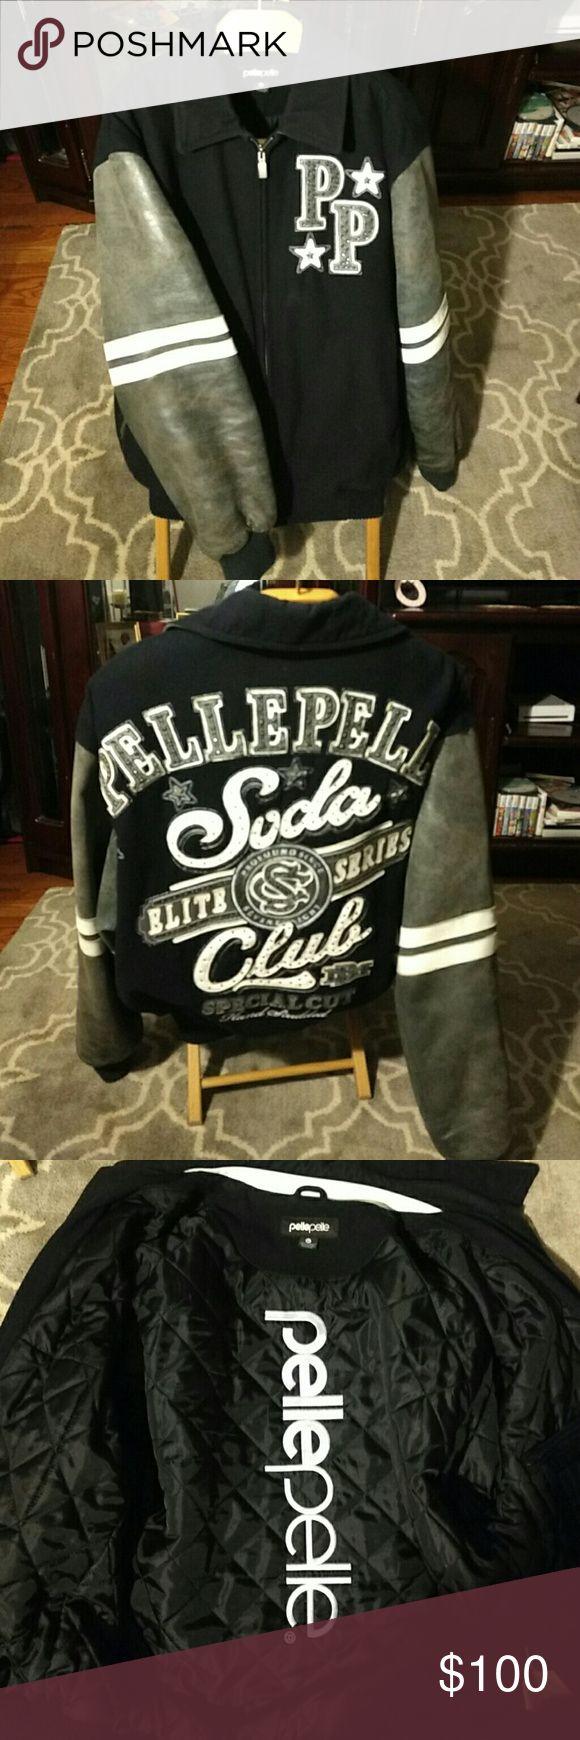 Pelle Pelle Jaket Navy Blue/ Gray/ White Pelle Pelle Jackets & Coats